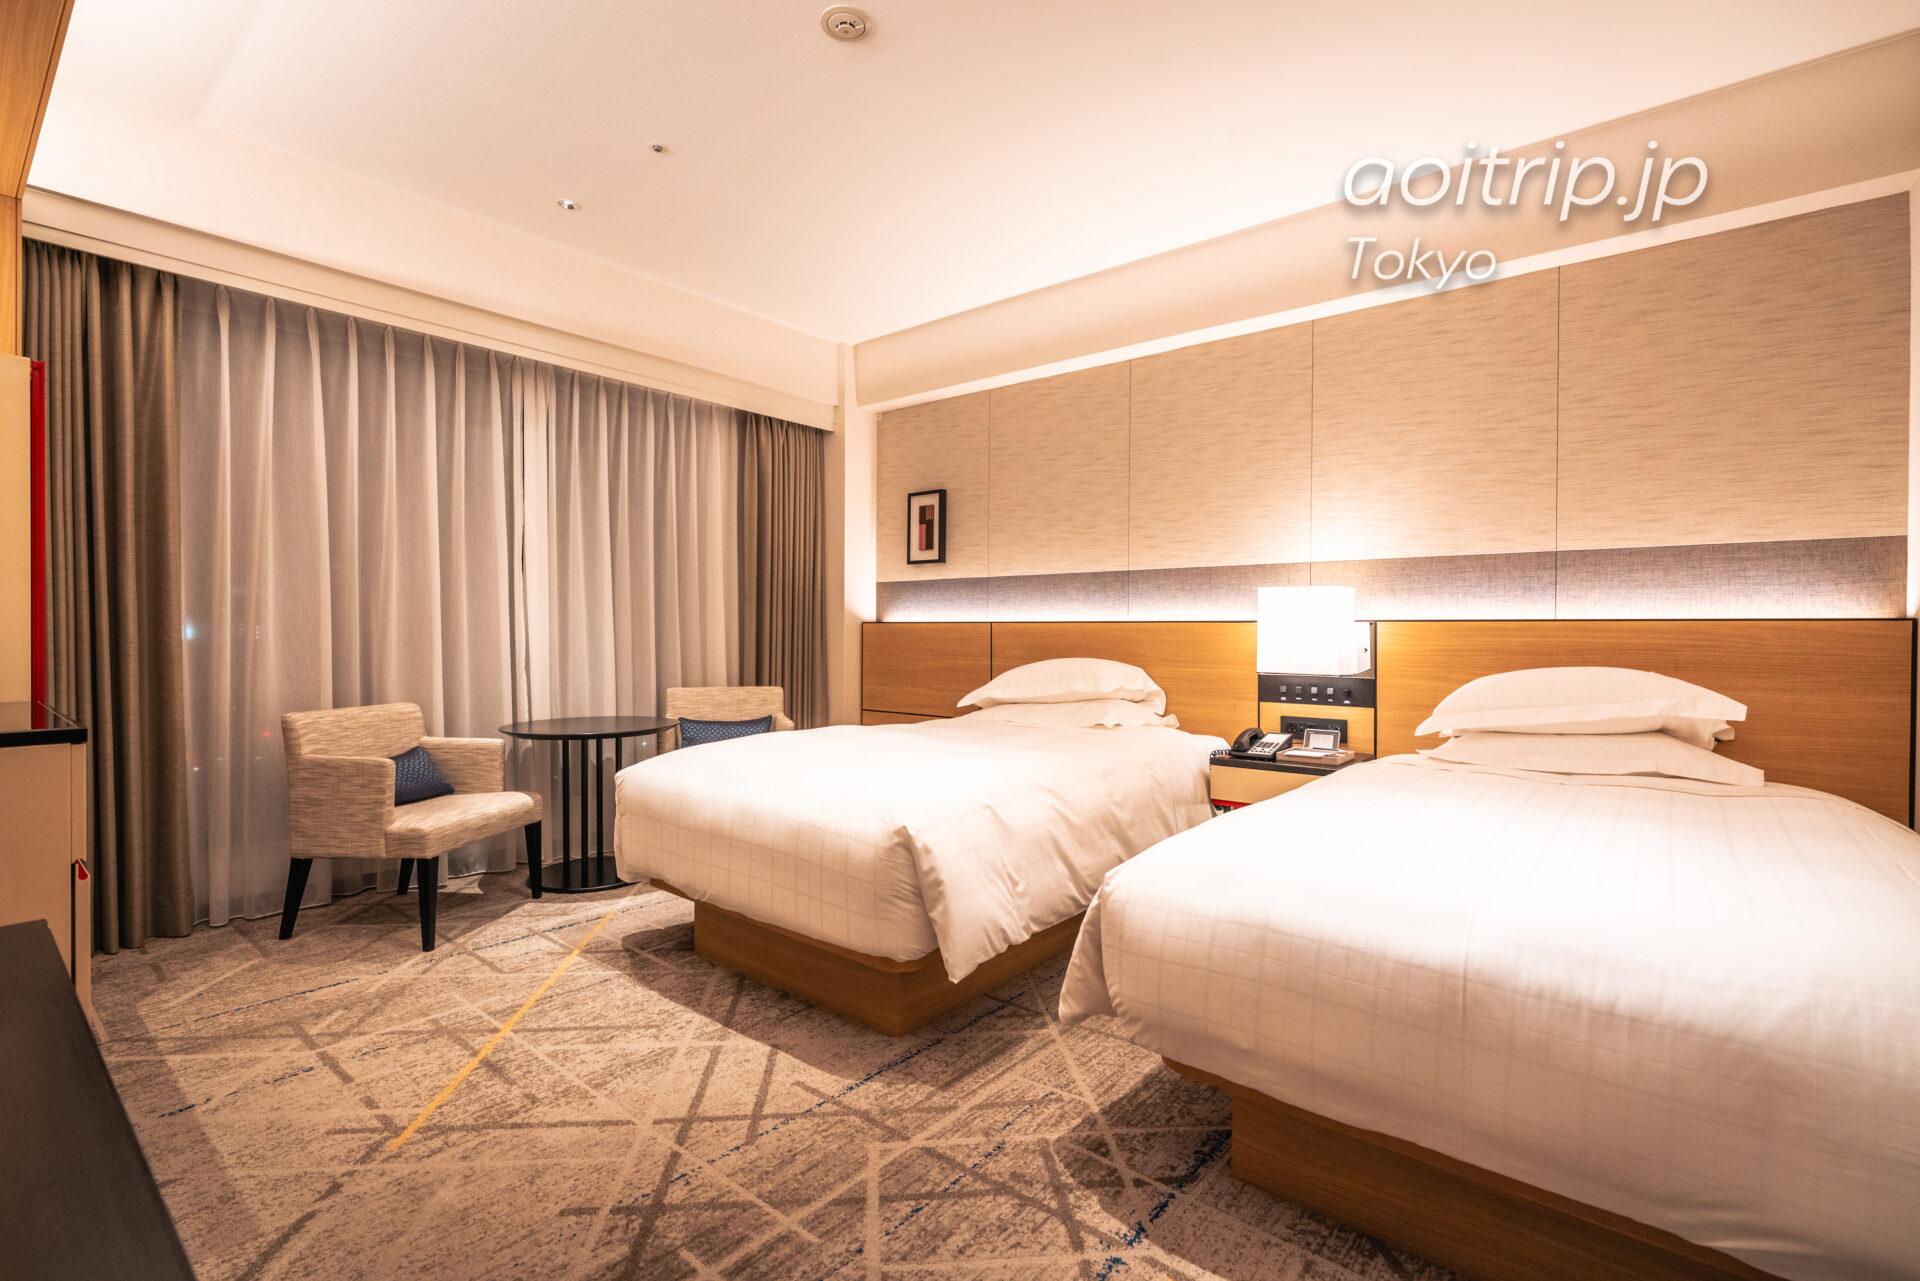 シェラトン都ホテル東京(Sheraton Miyako Hotel Tokyo)の客室 デラックス ツイン Deluxe Twin